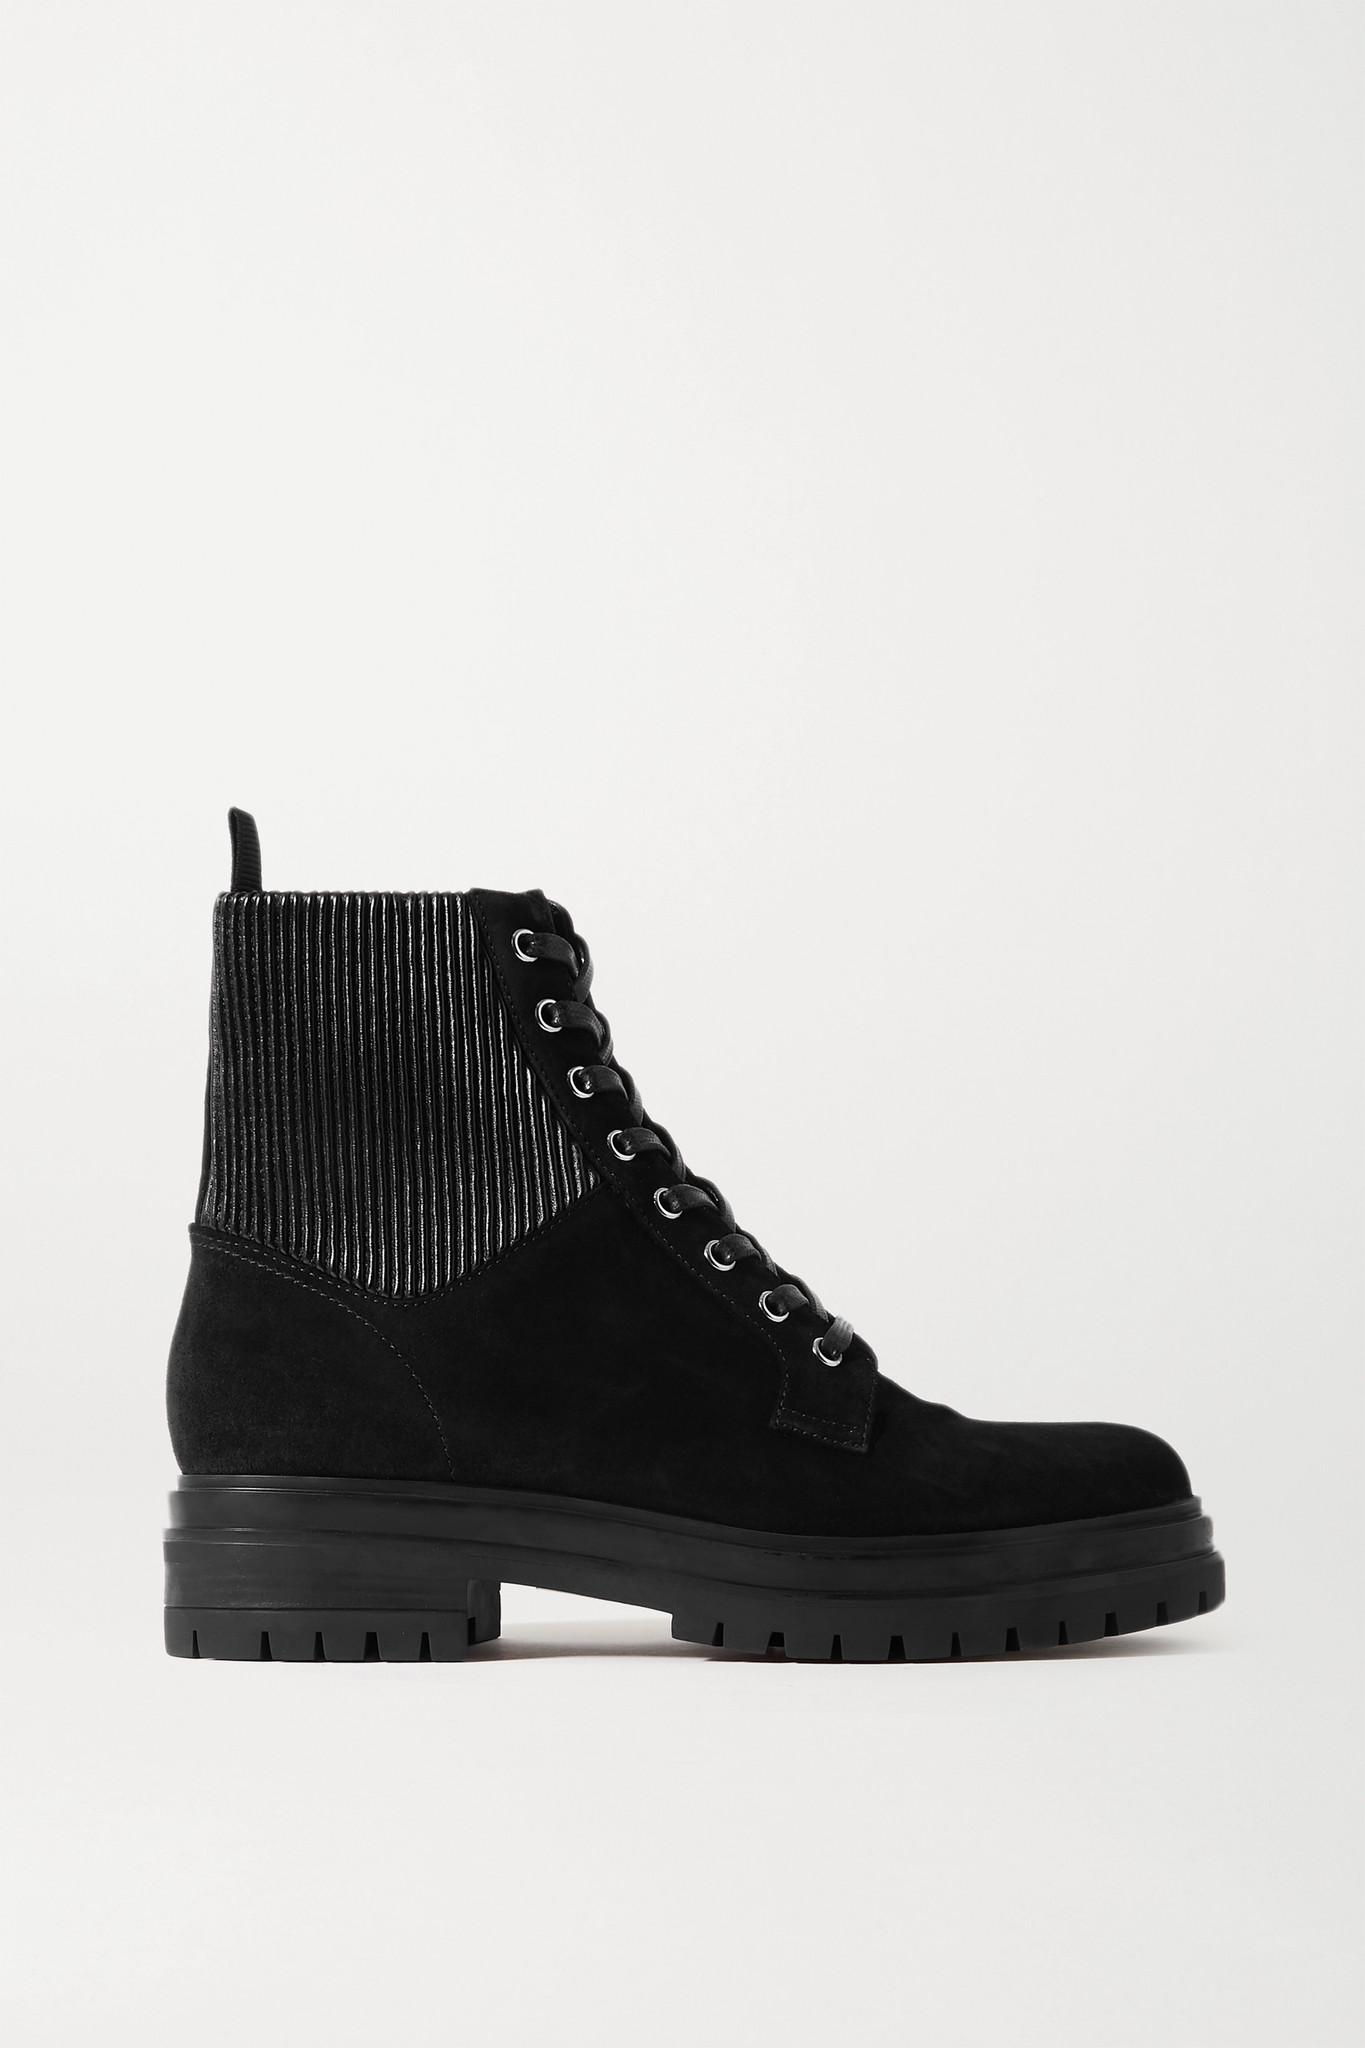 GIANVITO ROSSI - Martis 20 绒面革踝靴 - 黑色 - IT41